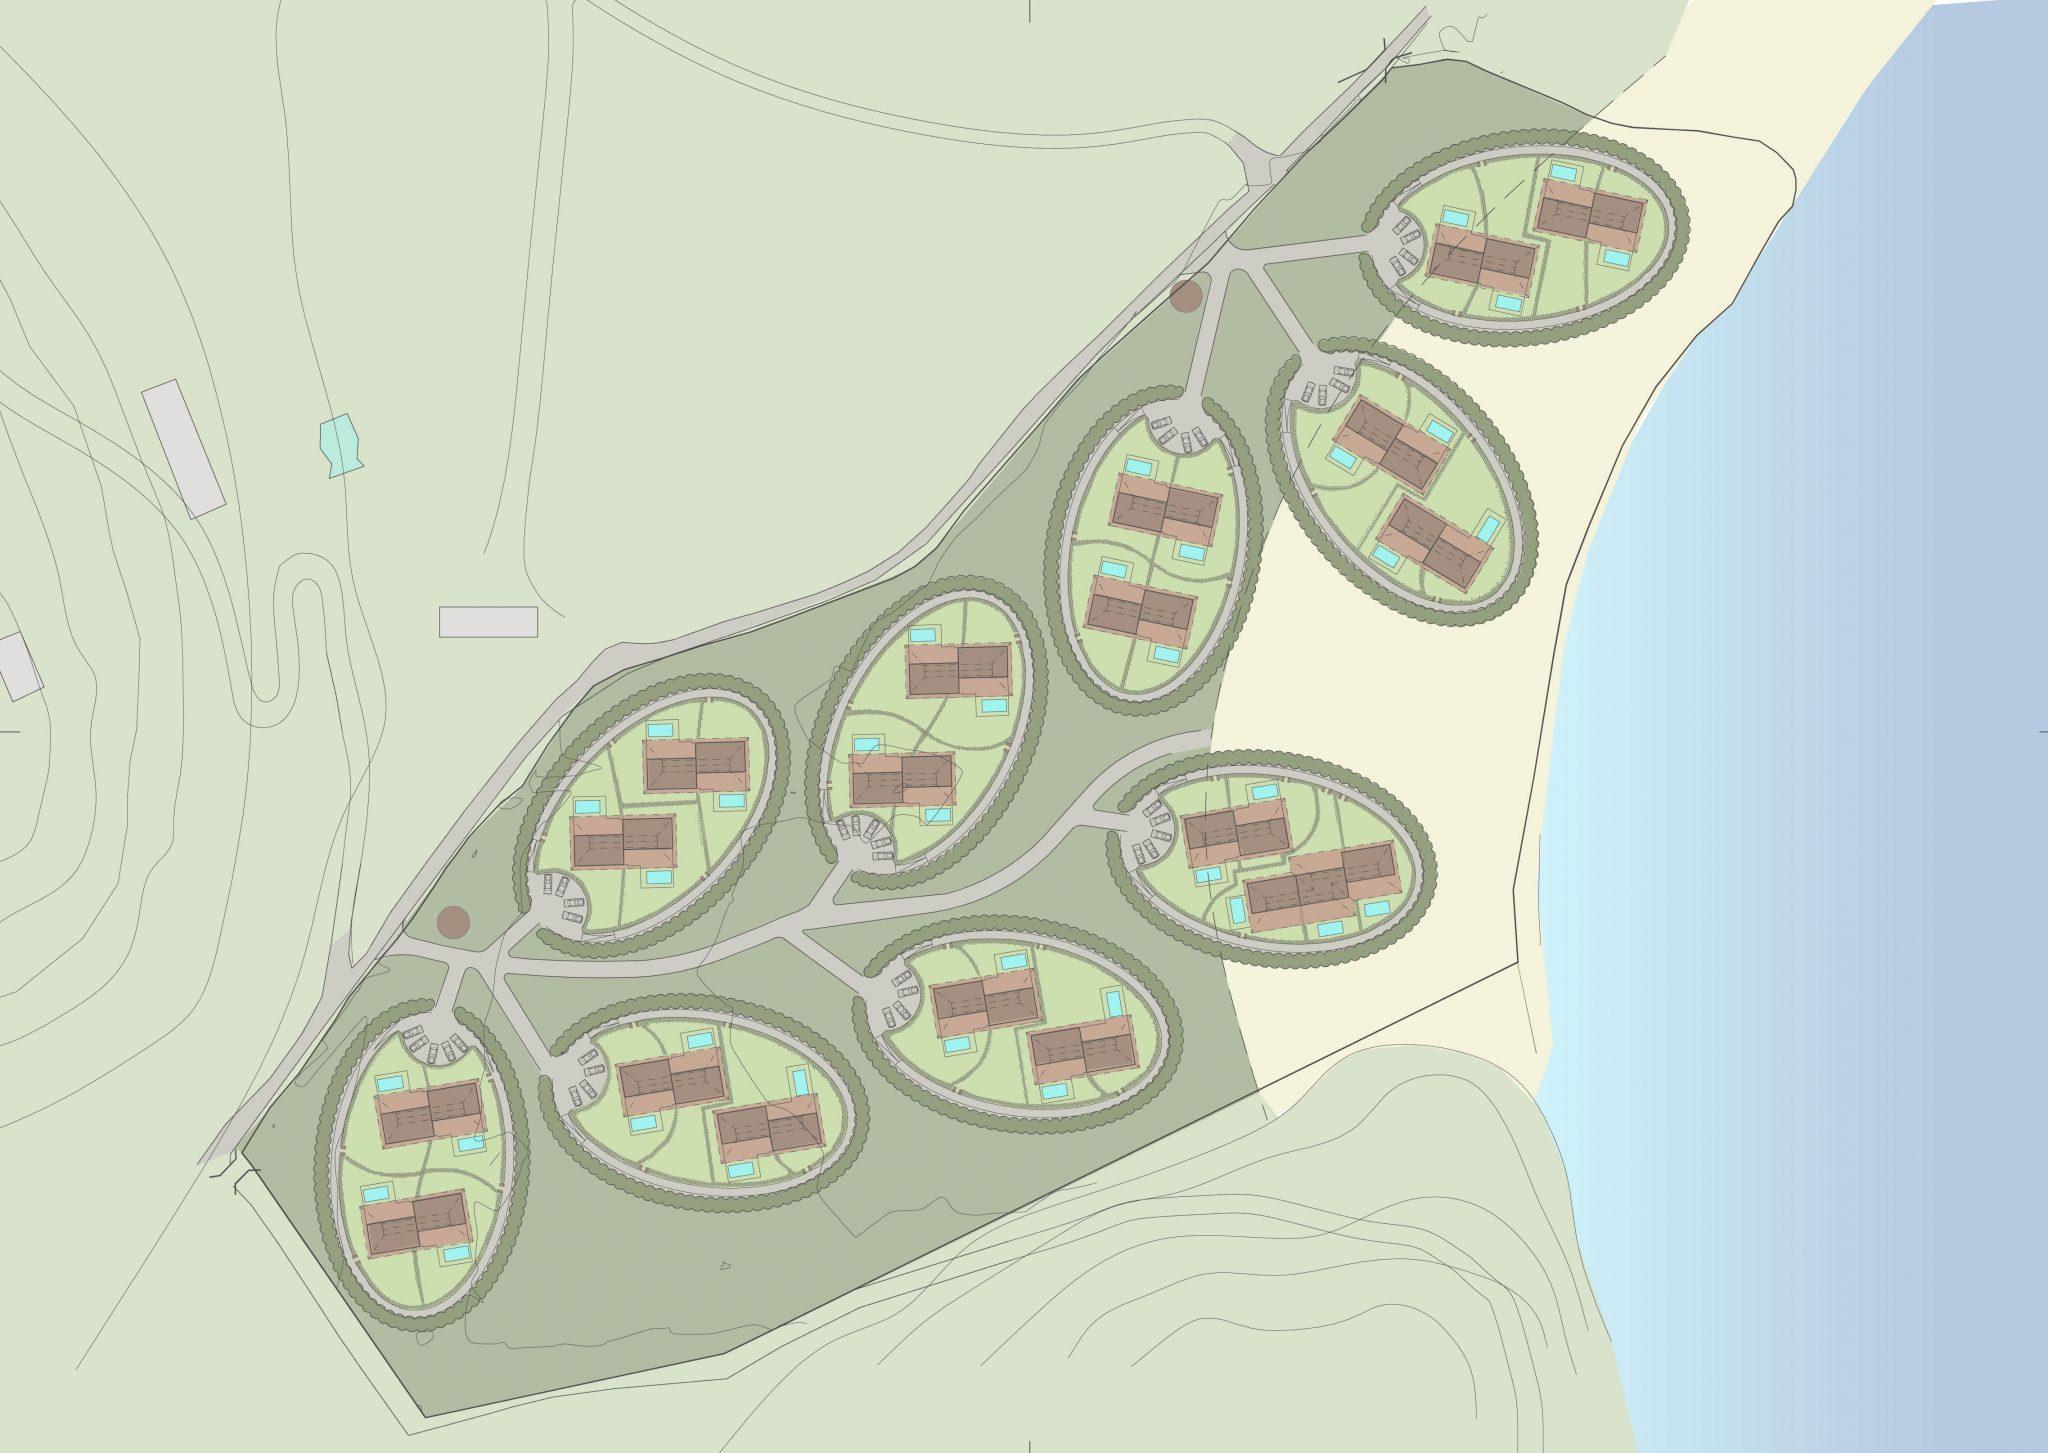 Strandvillor i Karibien, översiktsplan. Av Rex Arkitektbyrå